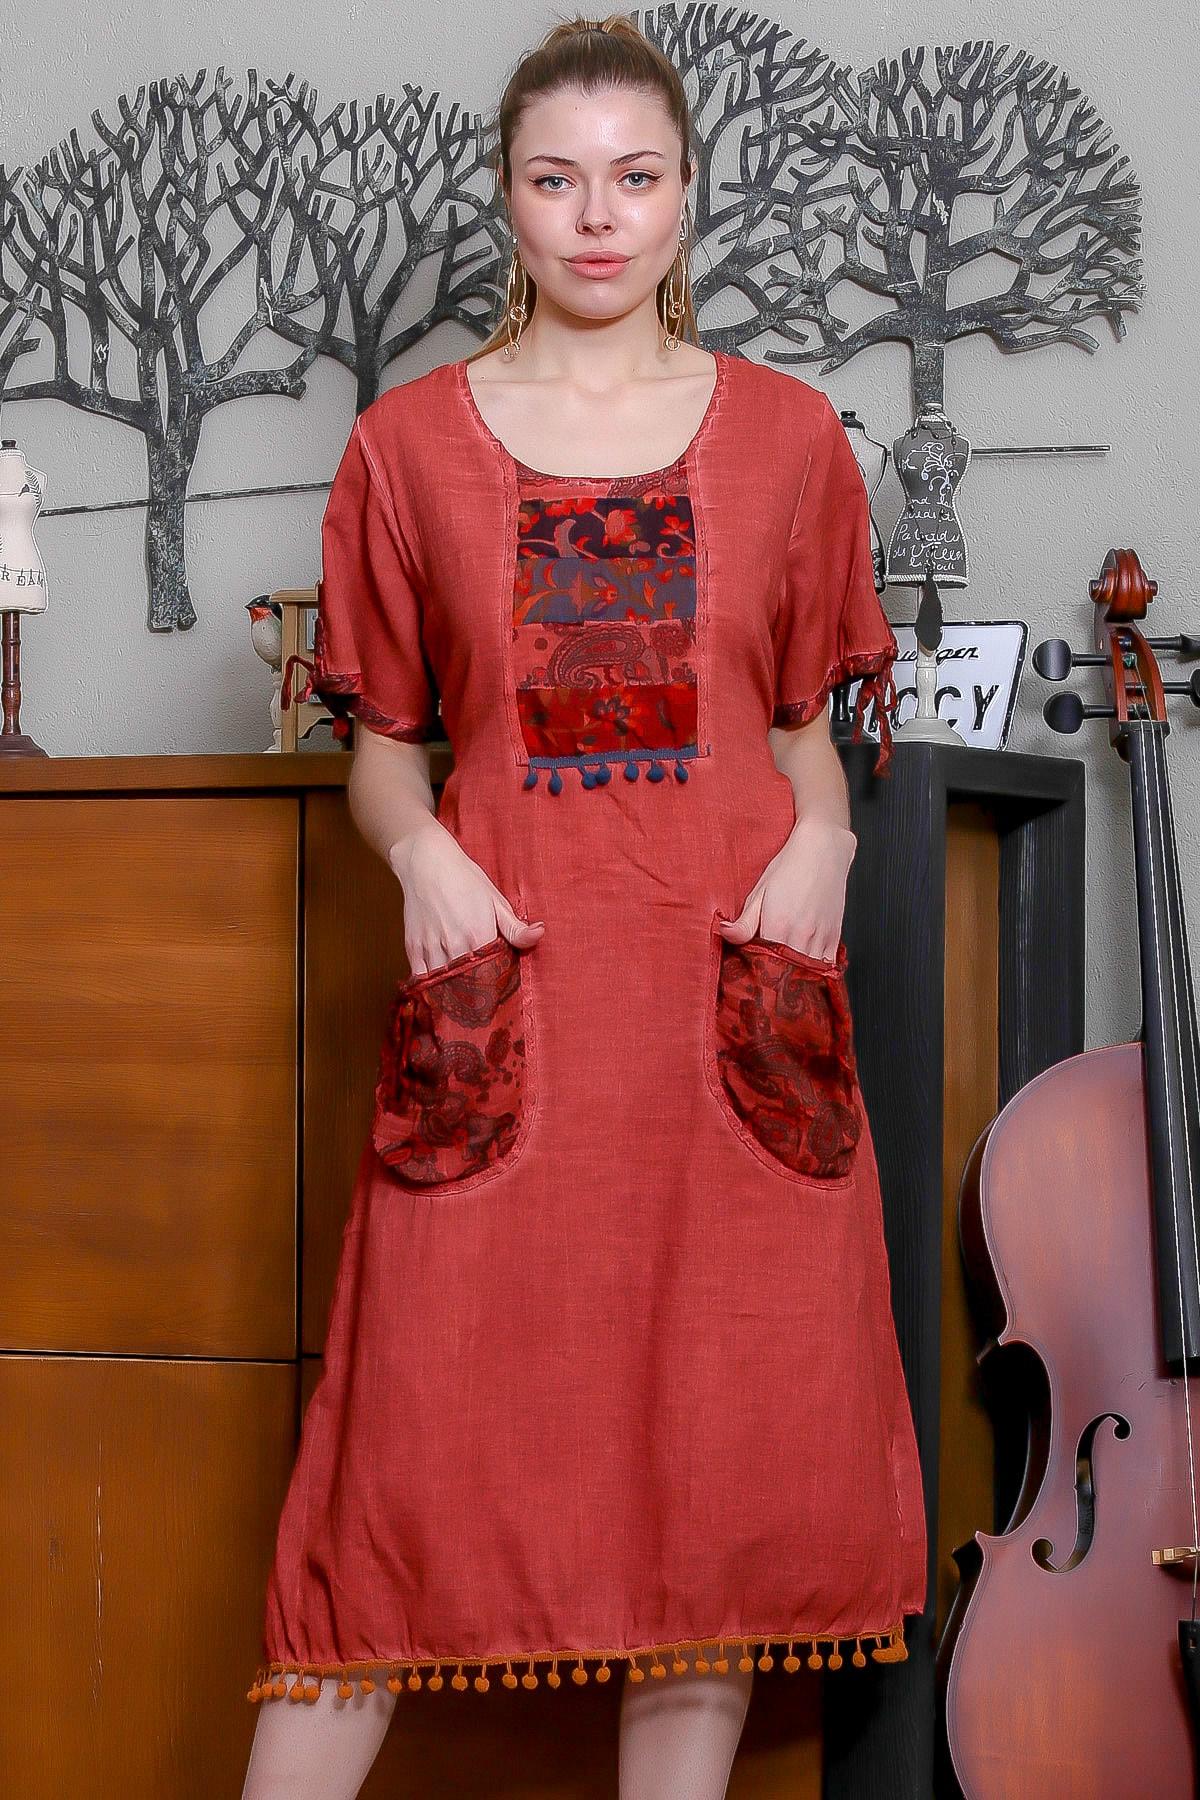 Chiccy Kadın Kiremit Tülbent Detaylı Cepli Etek Ucu Ponponlu Yıkamalı Astarlı Elbise M10160000EL95329